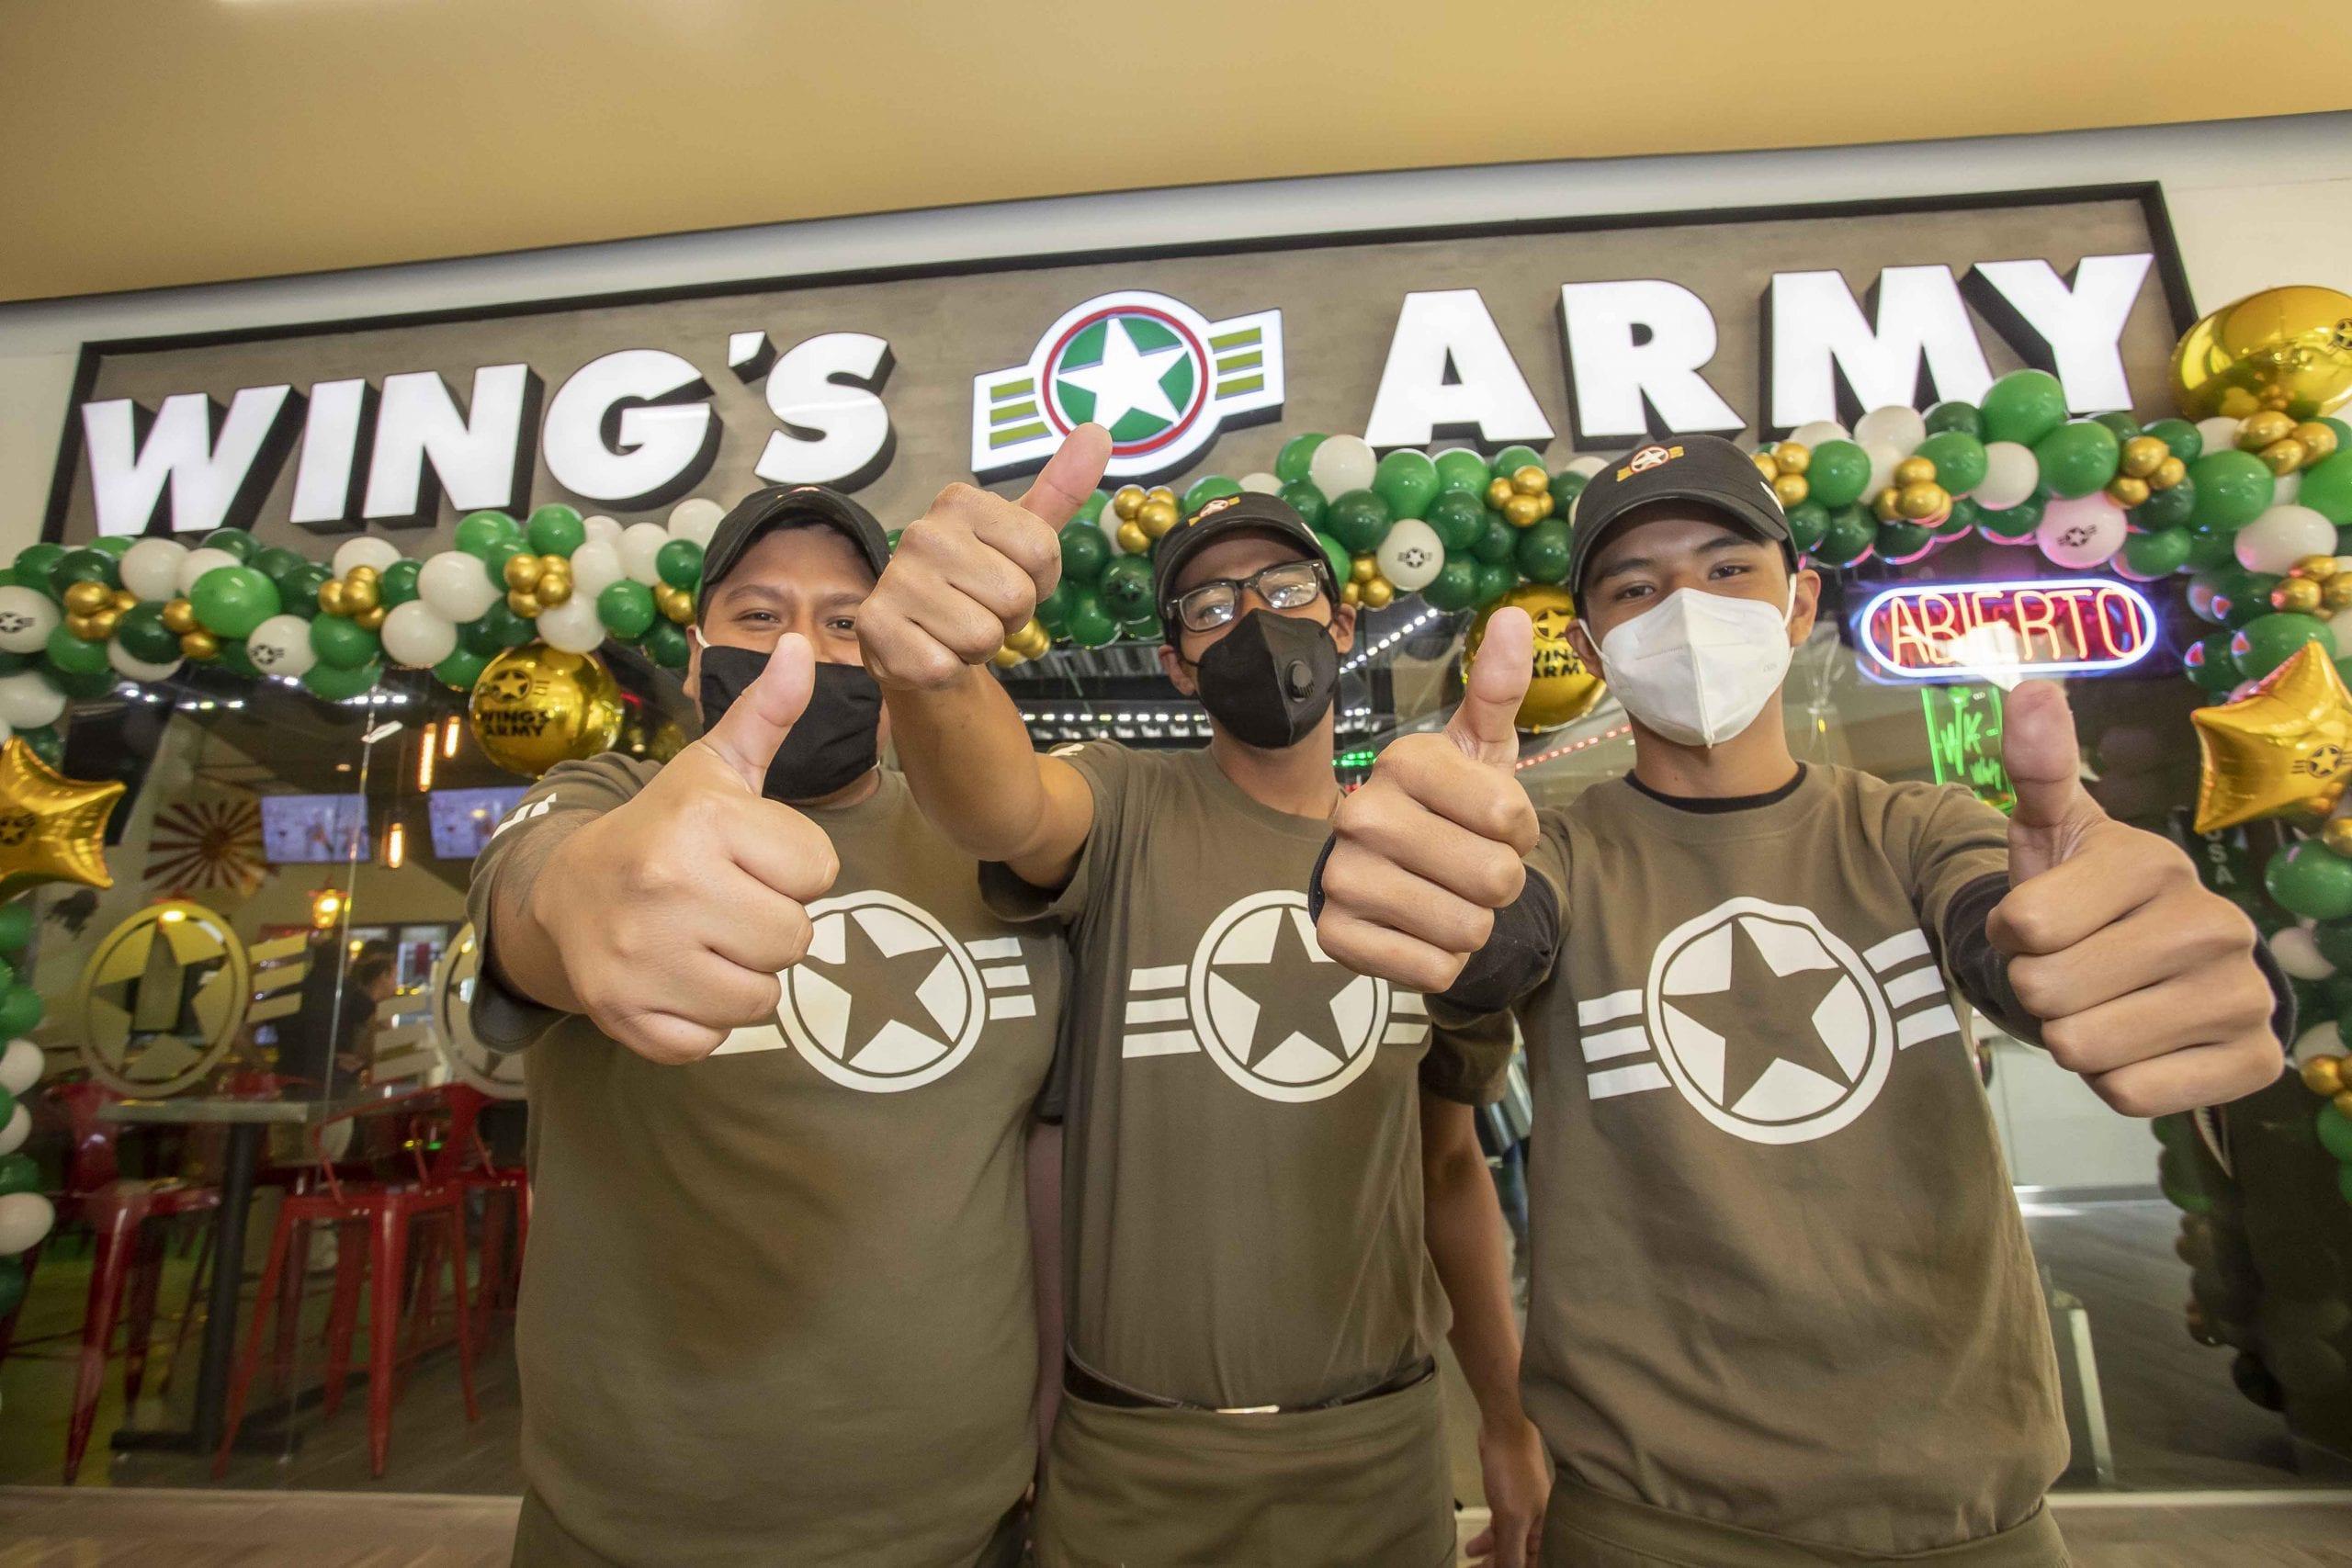 """Inaugura Sedeco restaurante """"Wing's Army"""" en parque vértice"""